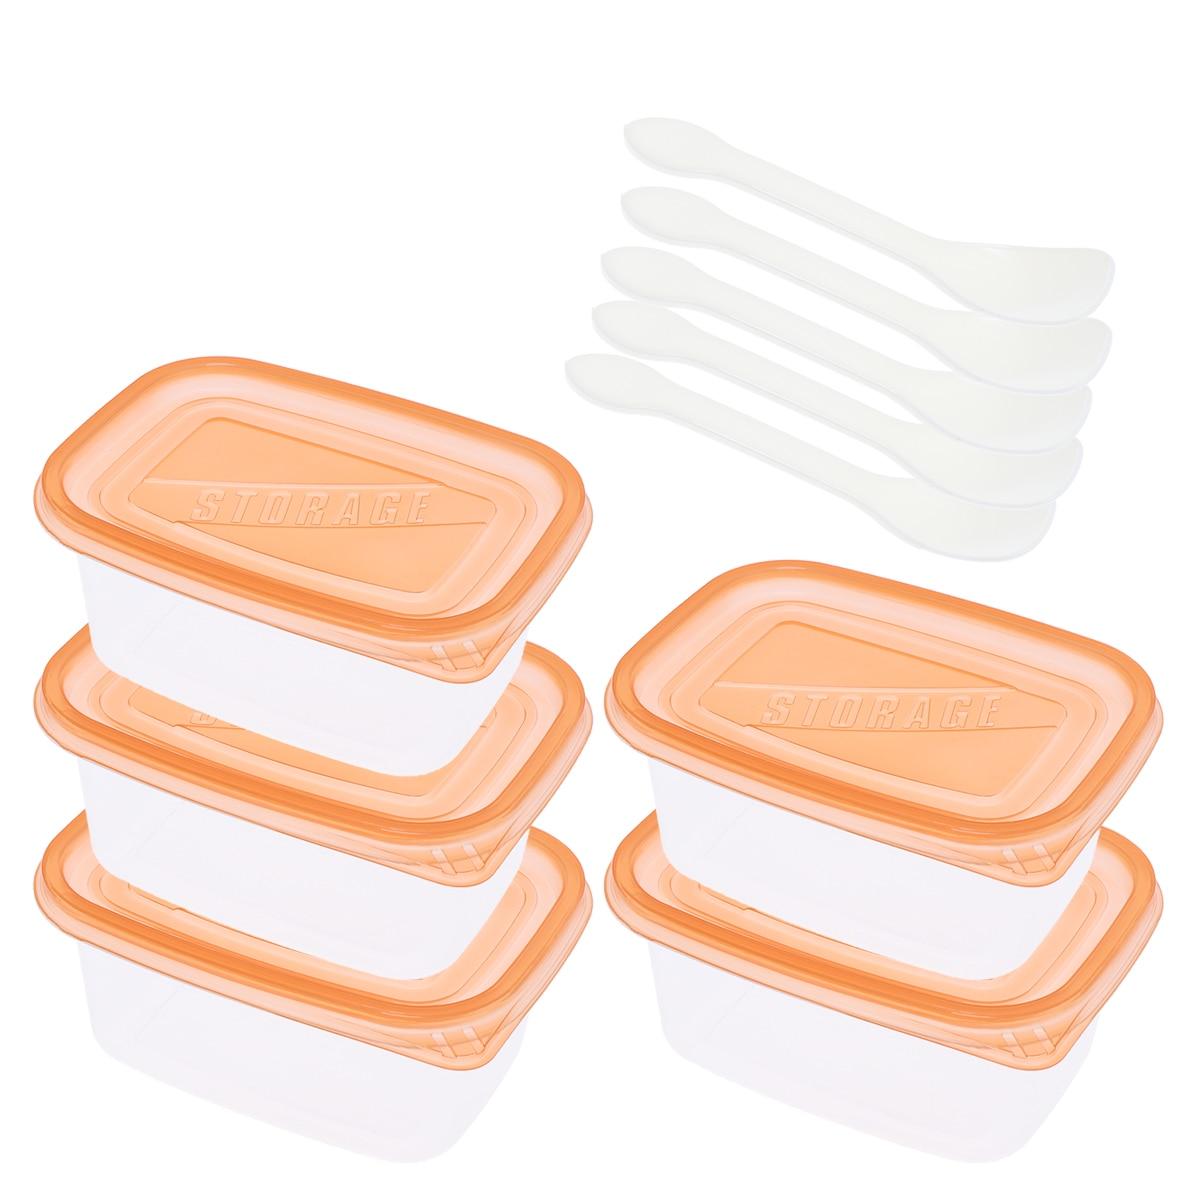 Contenedores de comida de 280ml /709ml con tapas, caja de almacenamiento de alimentos para tartas y pasteles, caja desechable para llevar Bento